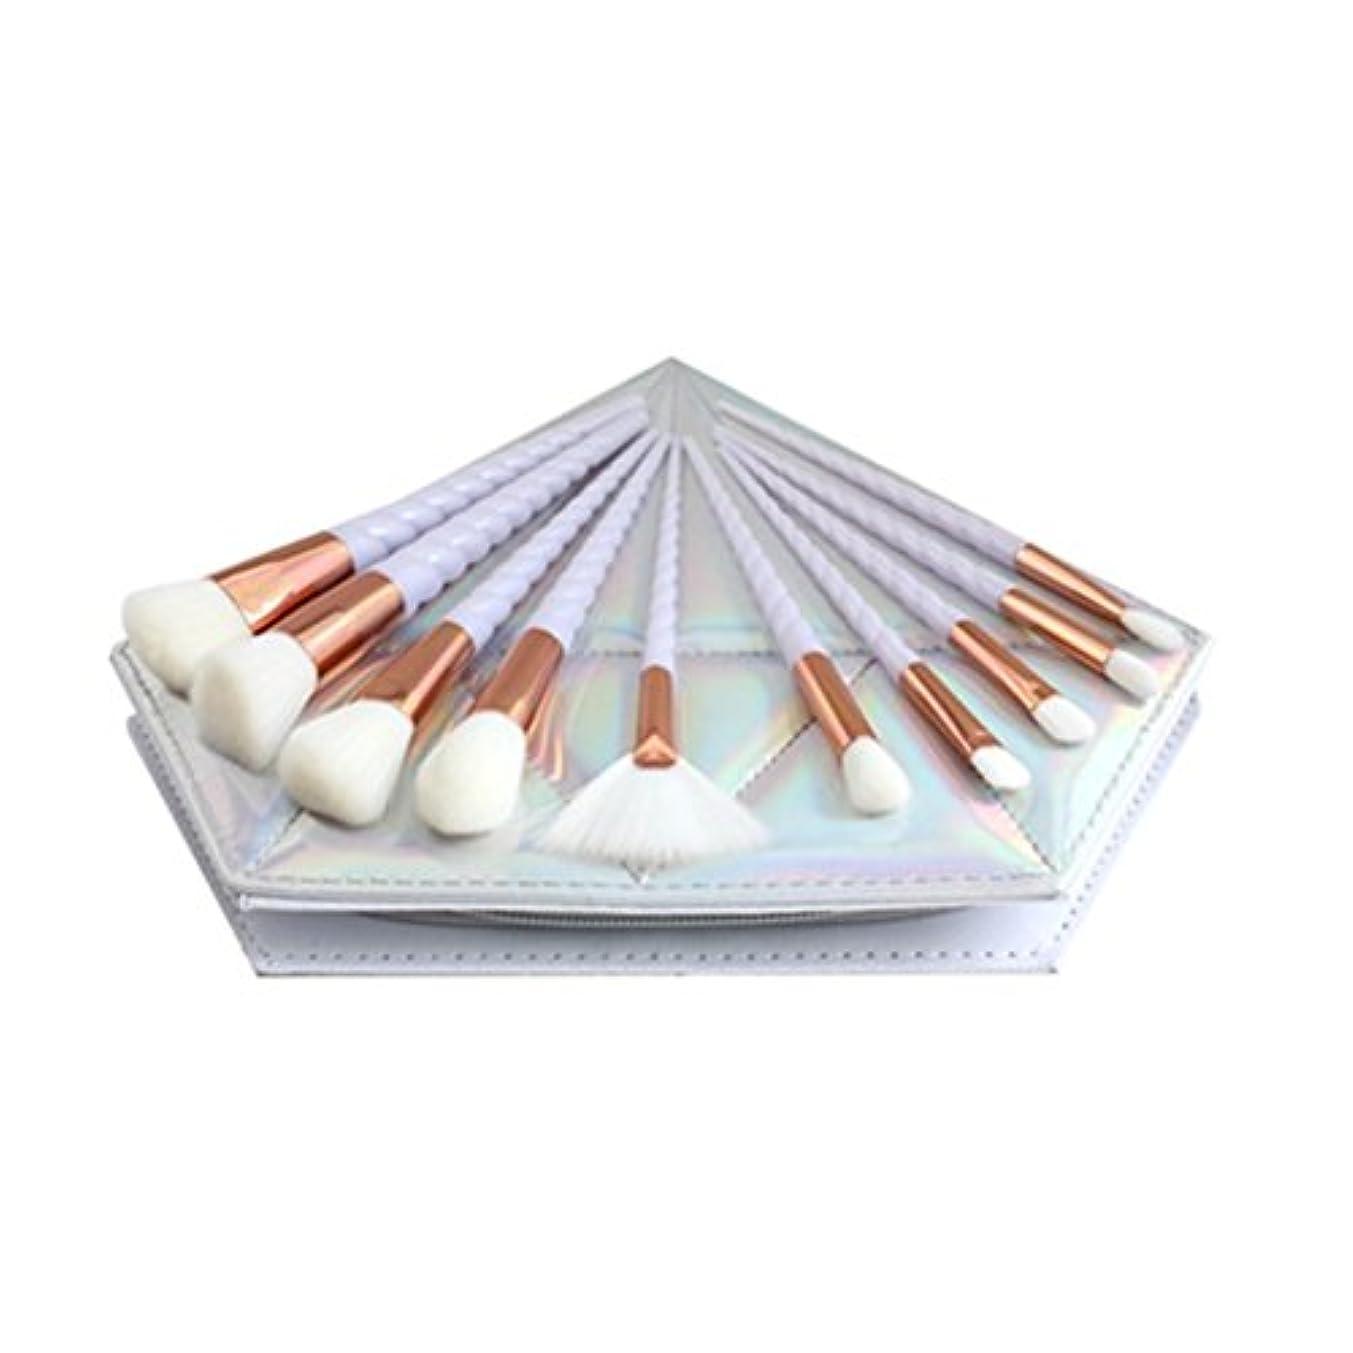 バタフライ保証金統合するDilla Beauty 10本セットユニコーンデザインプラスチックハンドル形状メイクブラシセット合成毛ファンデーションブラシアイシャドーブラッシャー美容ツール美しい化粧品のバッグを送る (白い柄 - 白い髪)